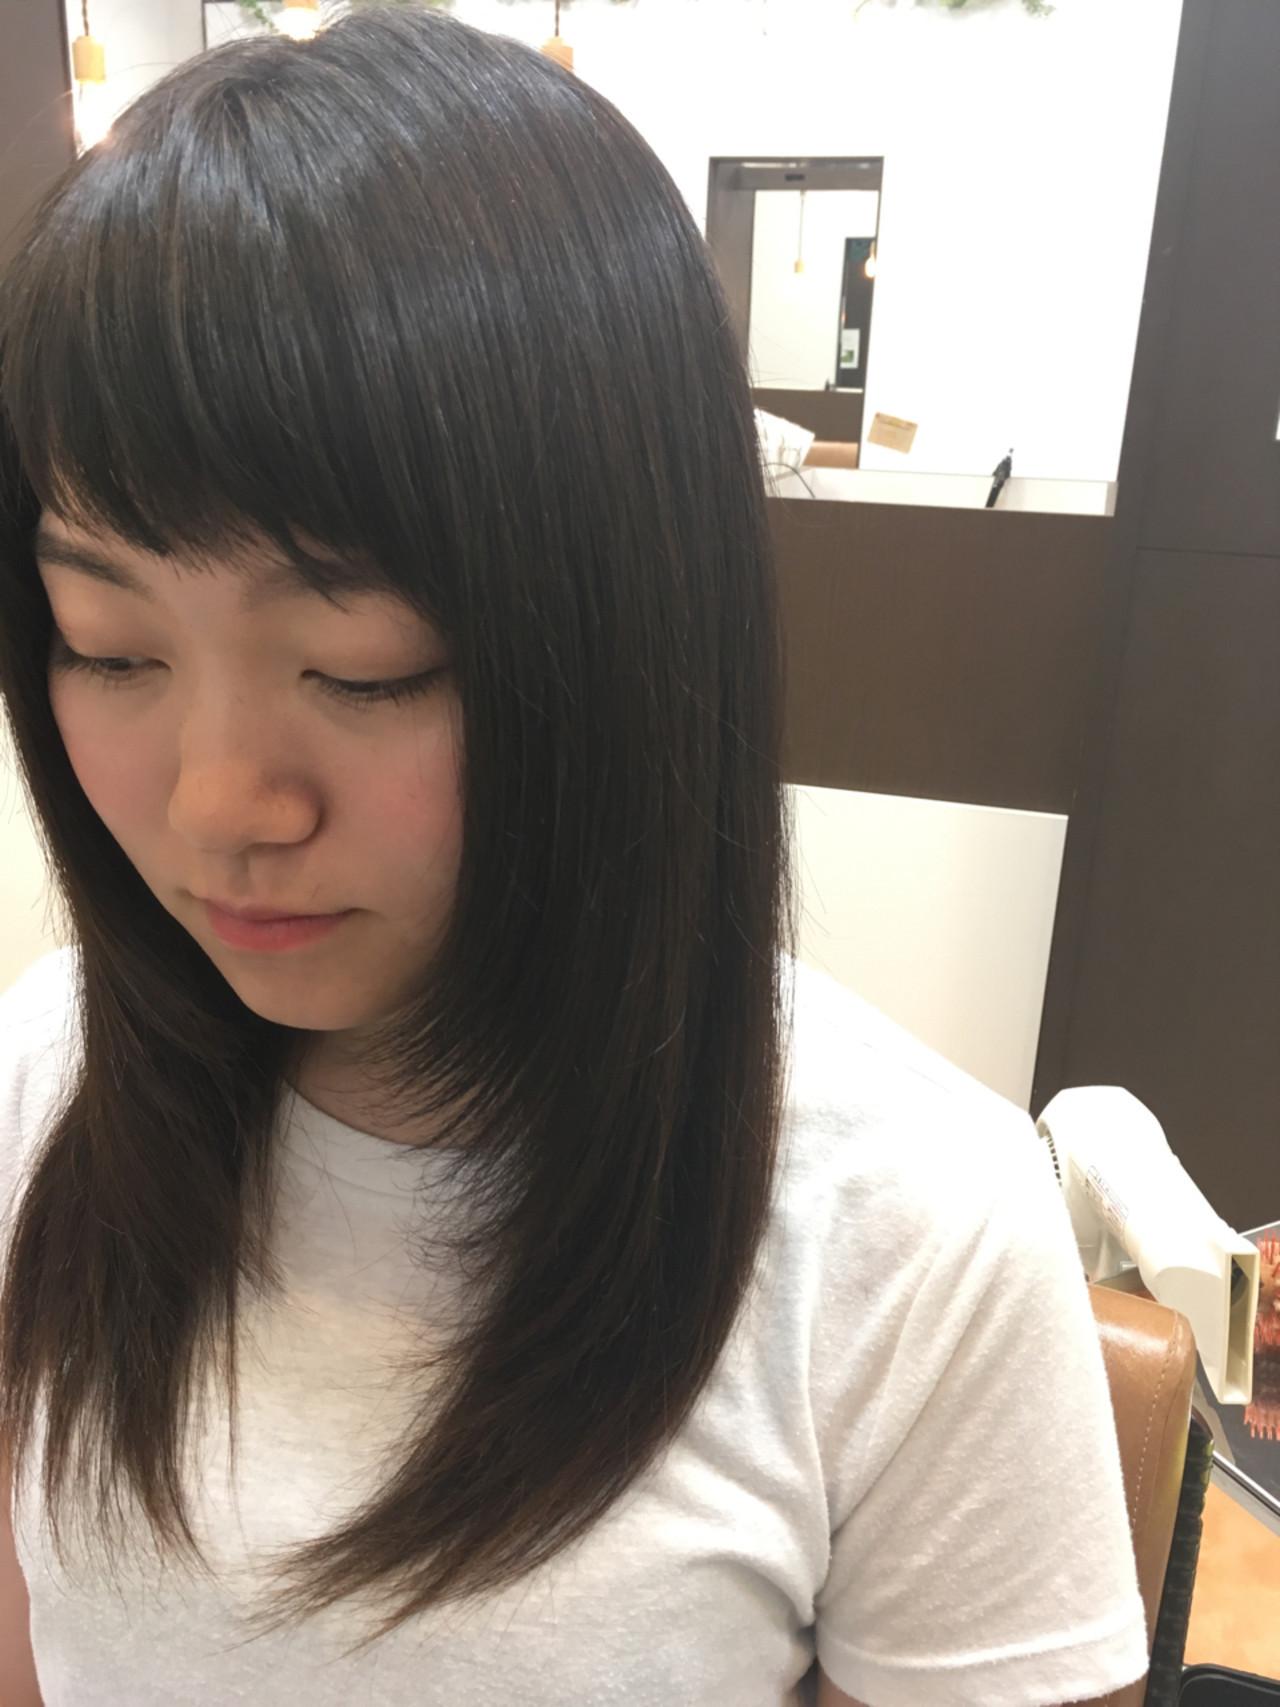 アッシュ ショートバング 黒髪 ロング ヘアスタイルや髪型の写真・画像